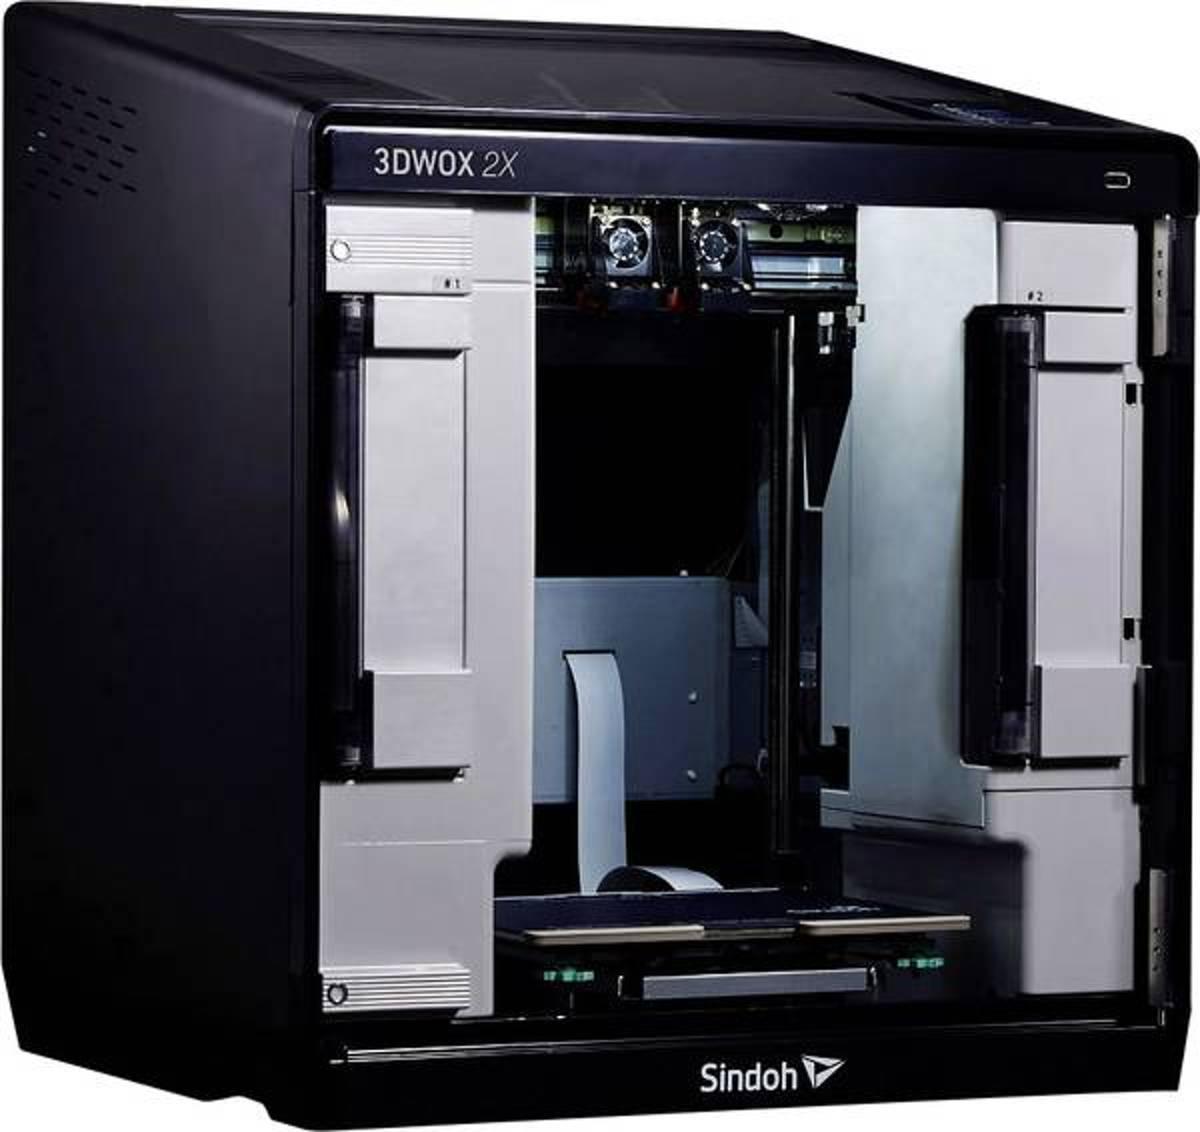 Sindoh 3DWOX 2X 3D Printer kopen